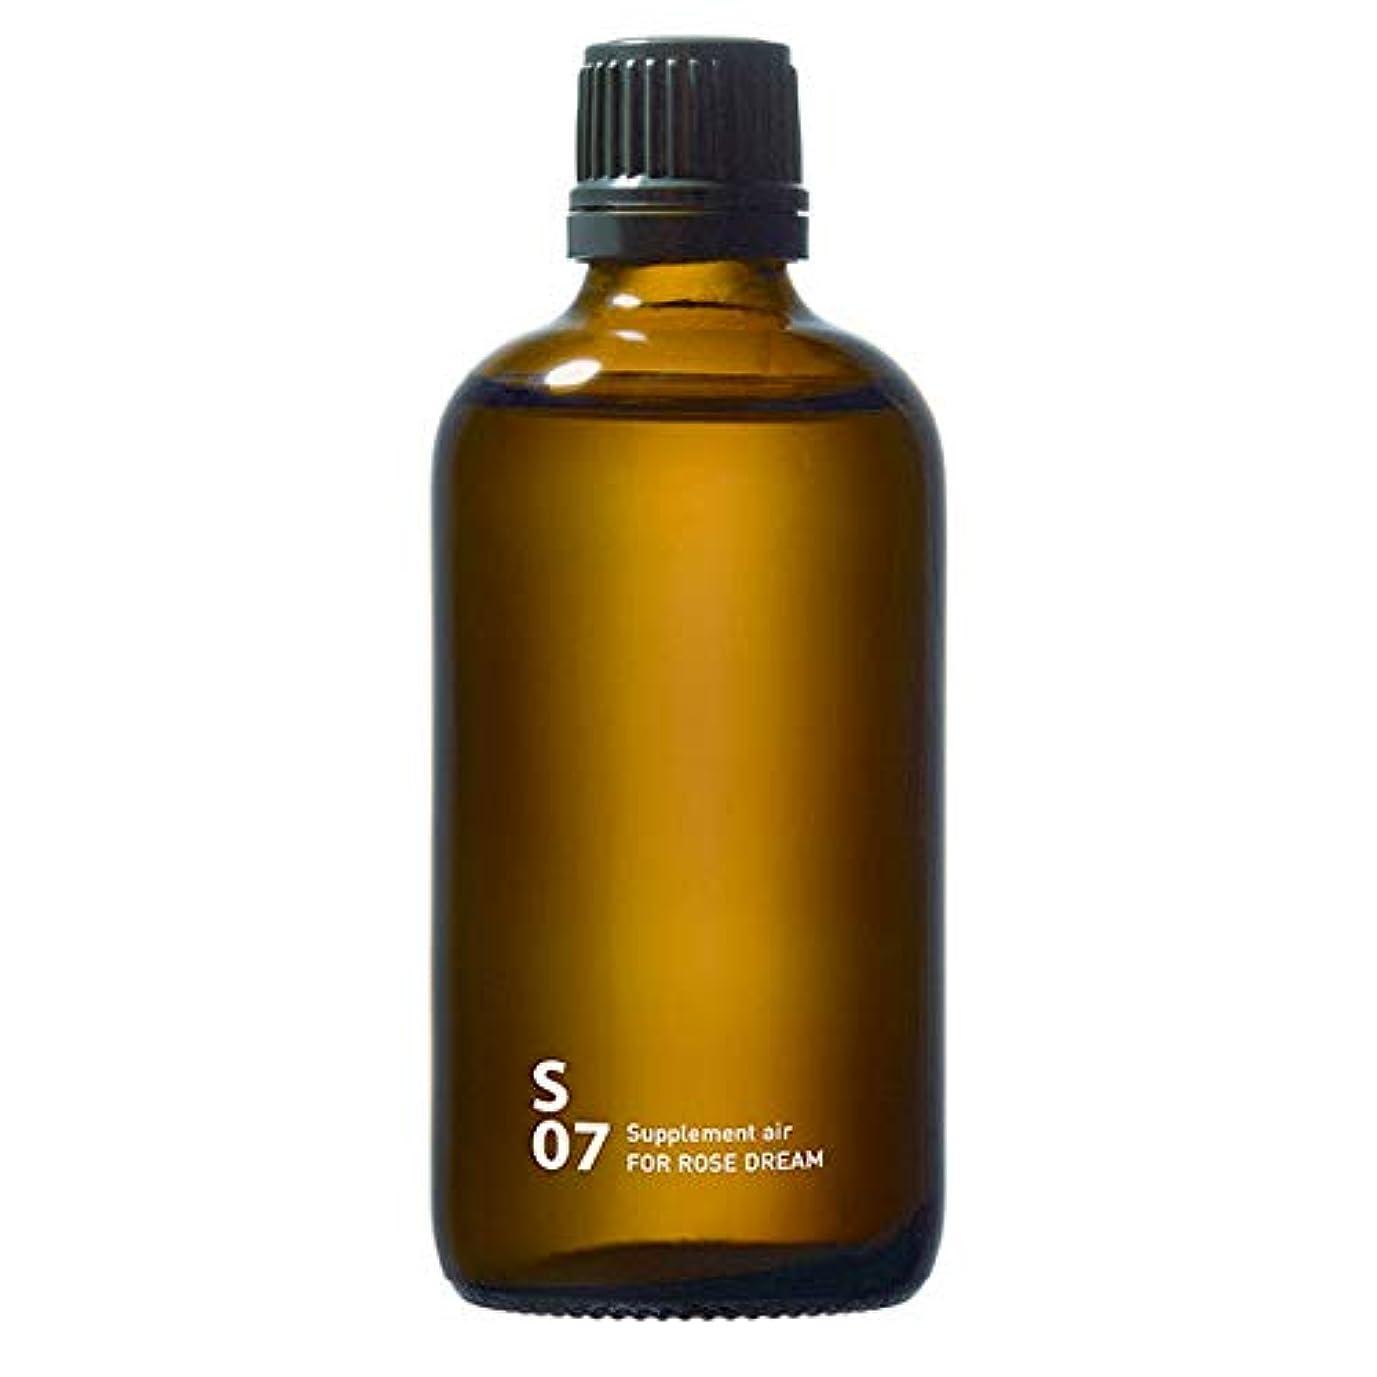 改善する憎しみ責S07 FOR ROSE DREAM piezo aroma oil 100ml